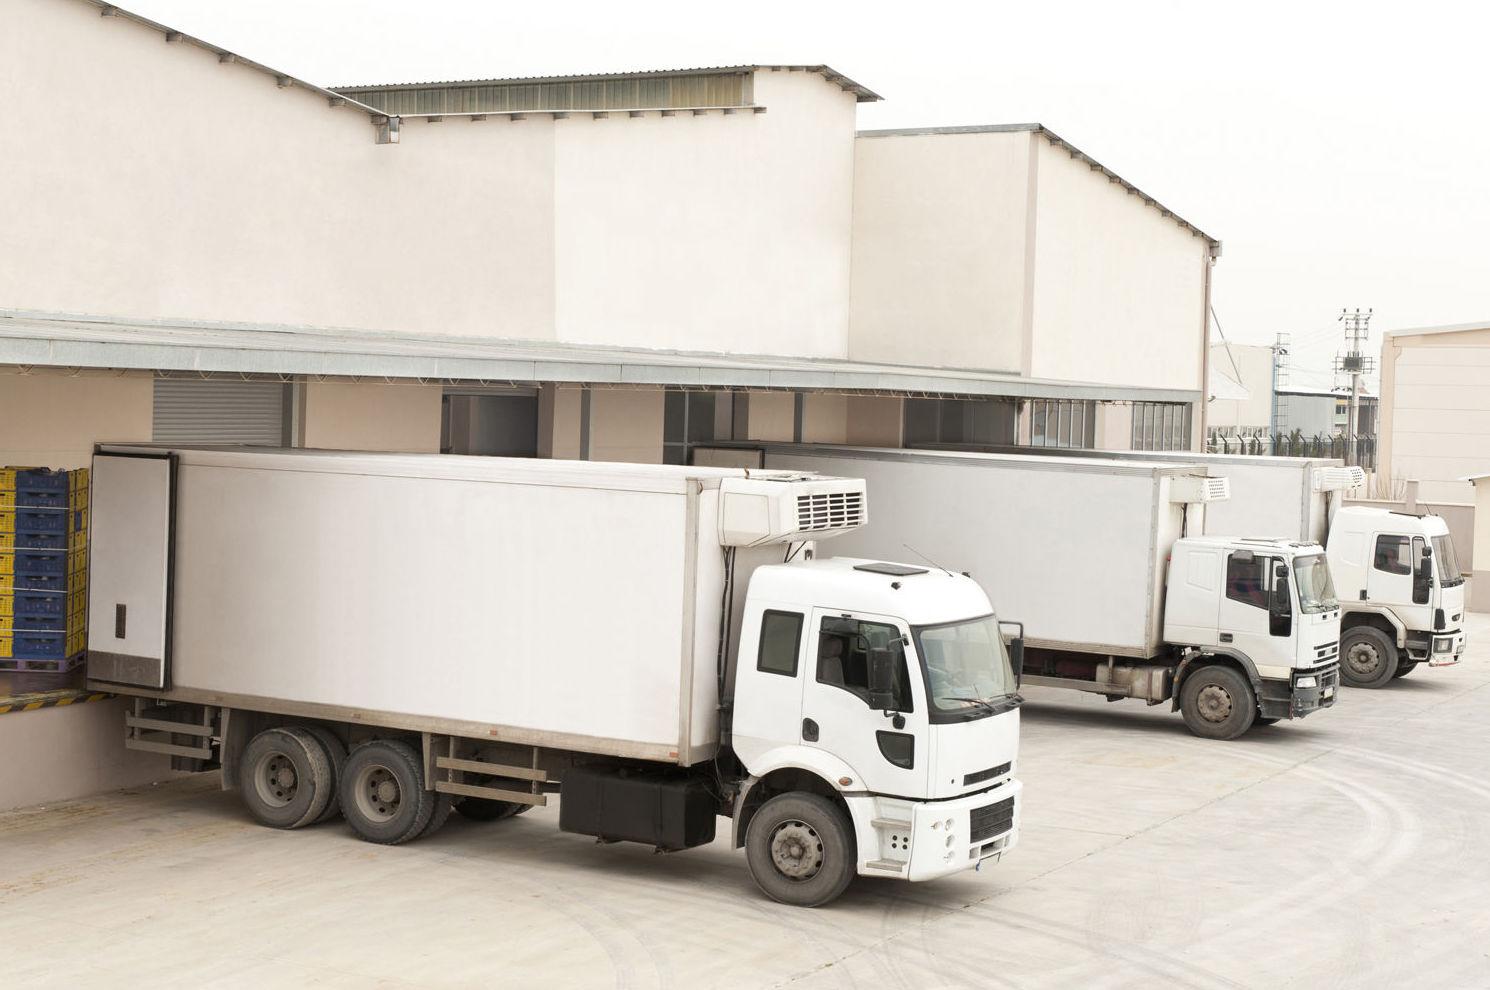 Transporte frigorífico con control de temperatura